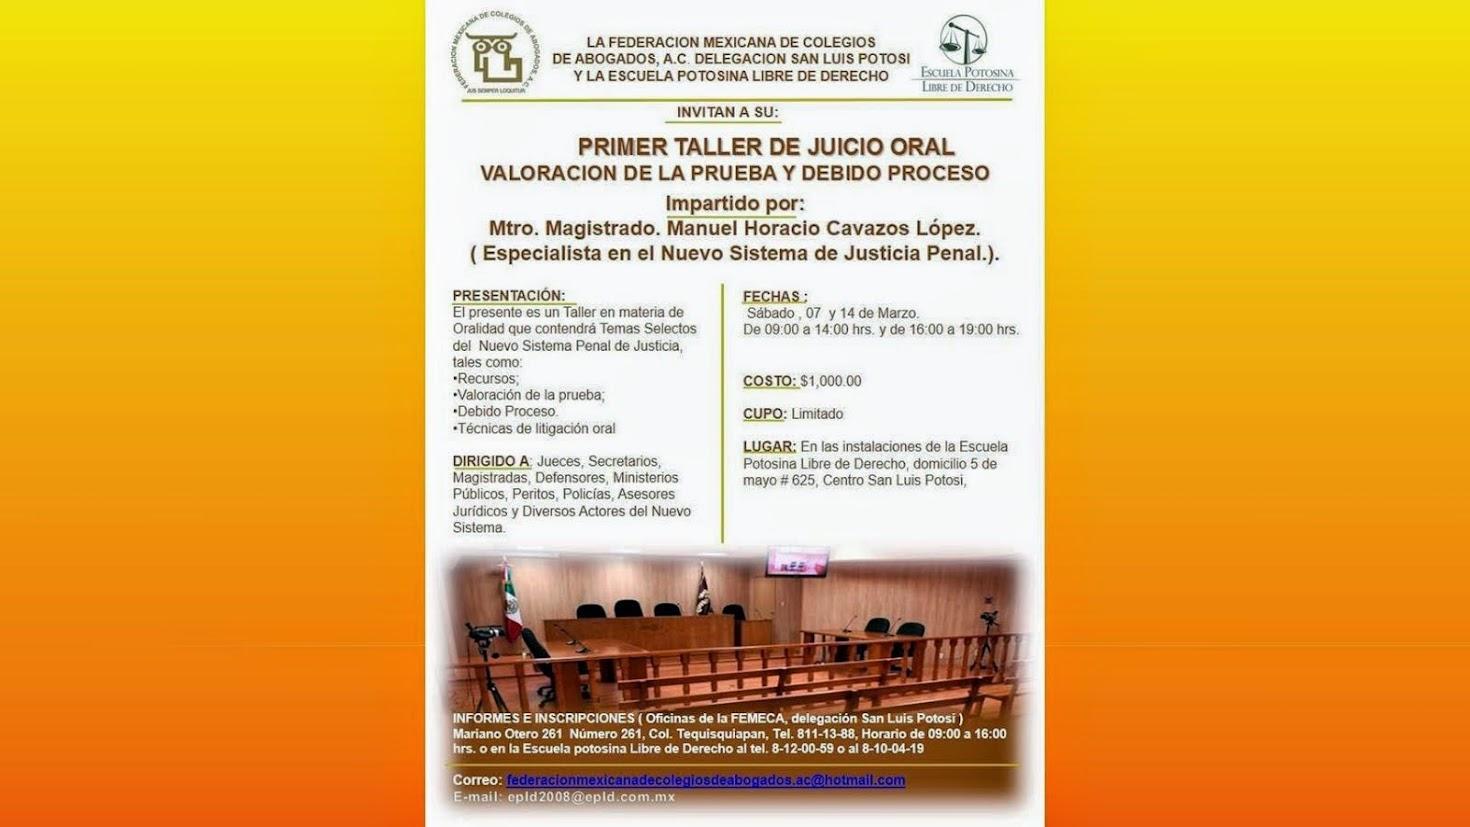 PRIMER TALLER DE JUICIO ORAL: SÁBADO 7 Y 14 DE MARZO DEL 2015.